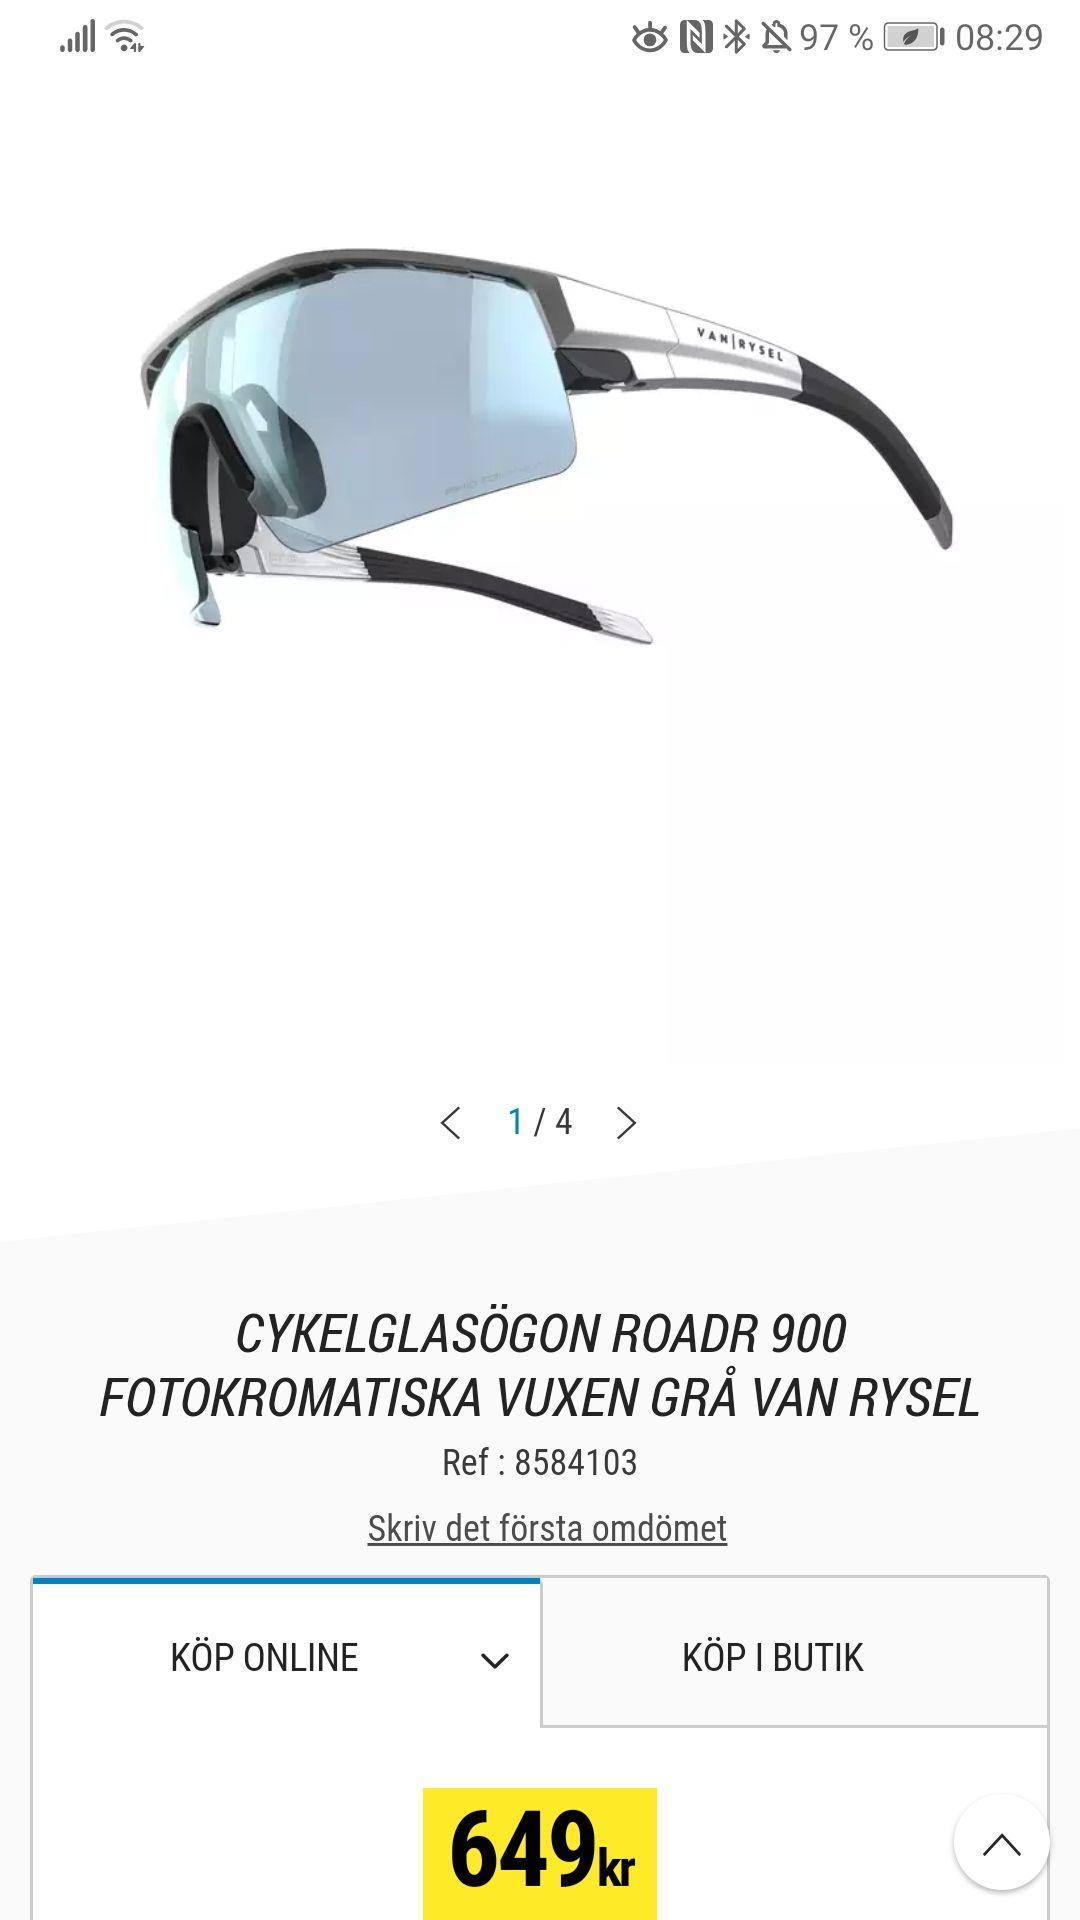 Screenshot_20200503_082946_com.android.chrome.jpg